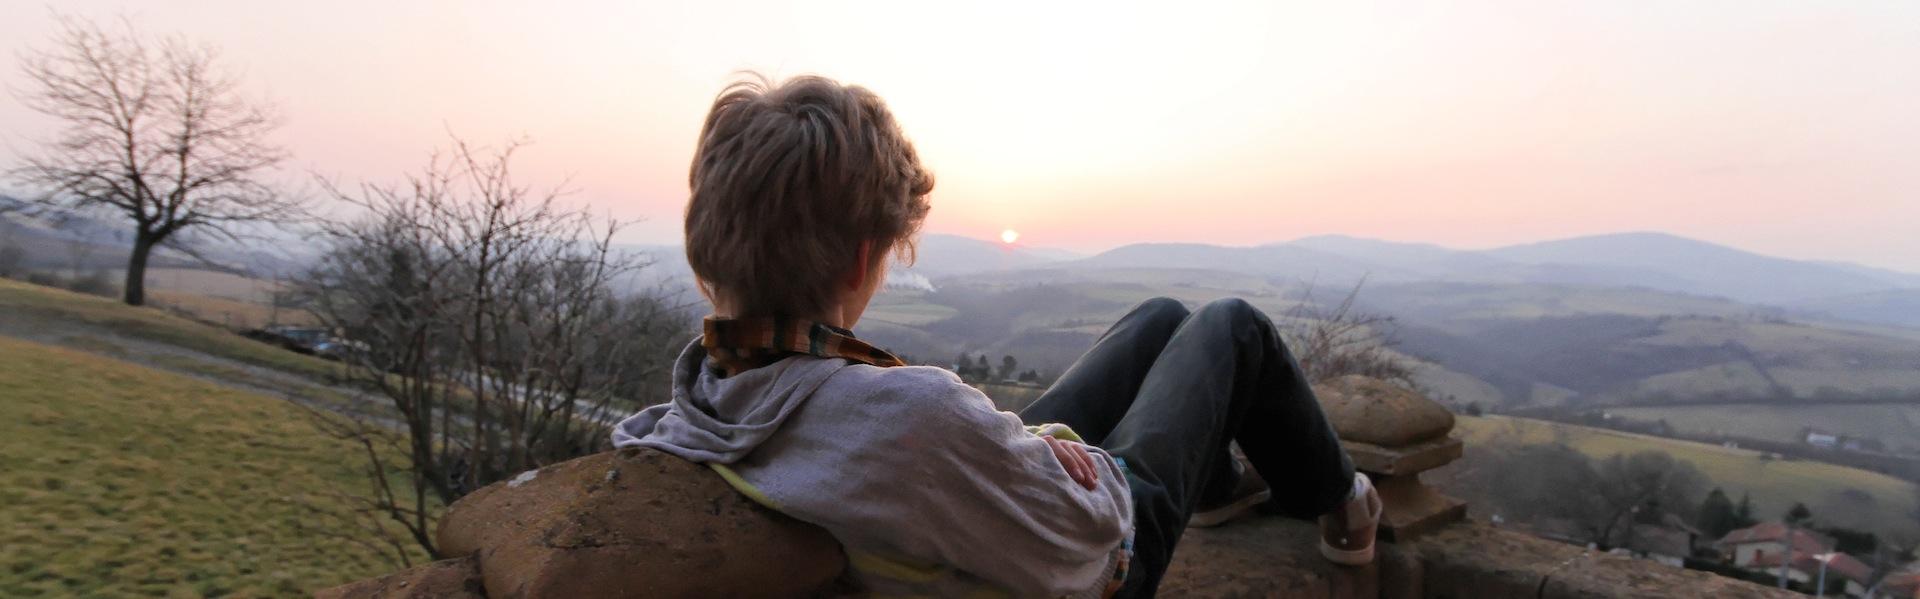 coucher-de-soleil-la-source-doree